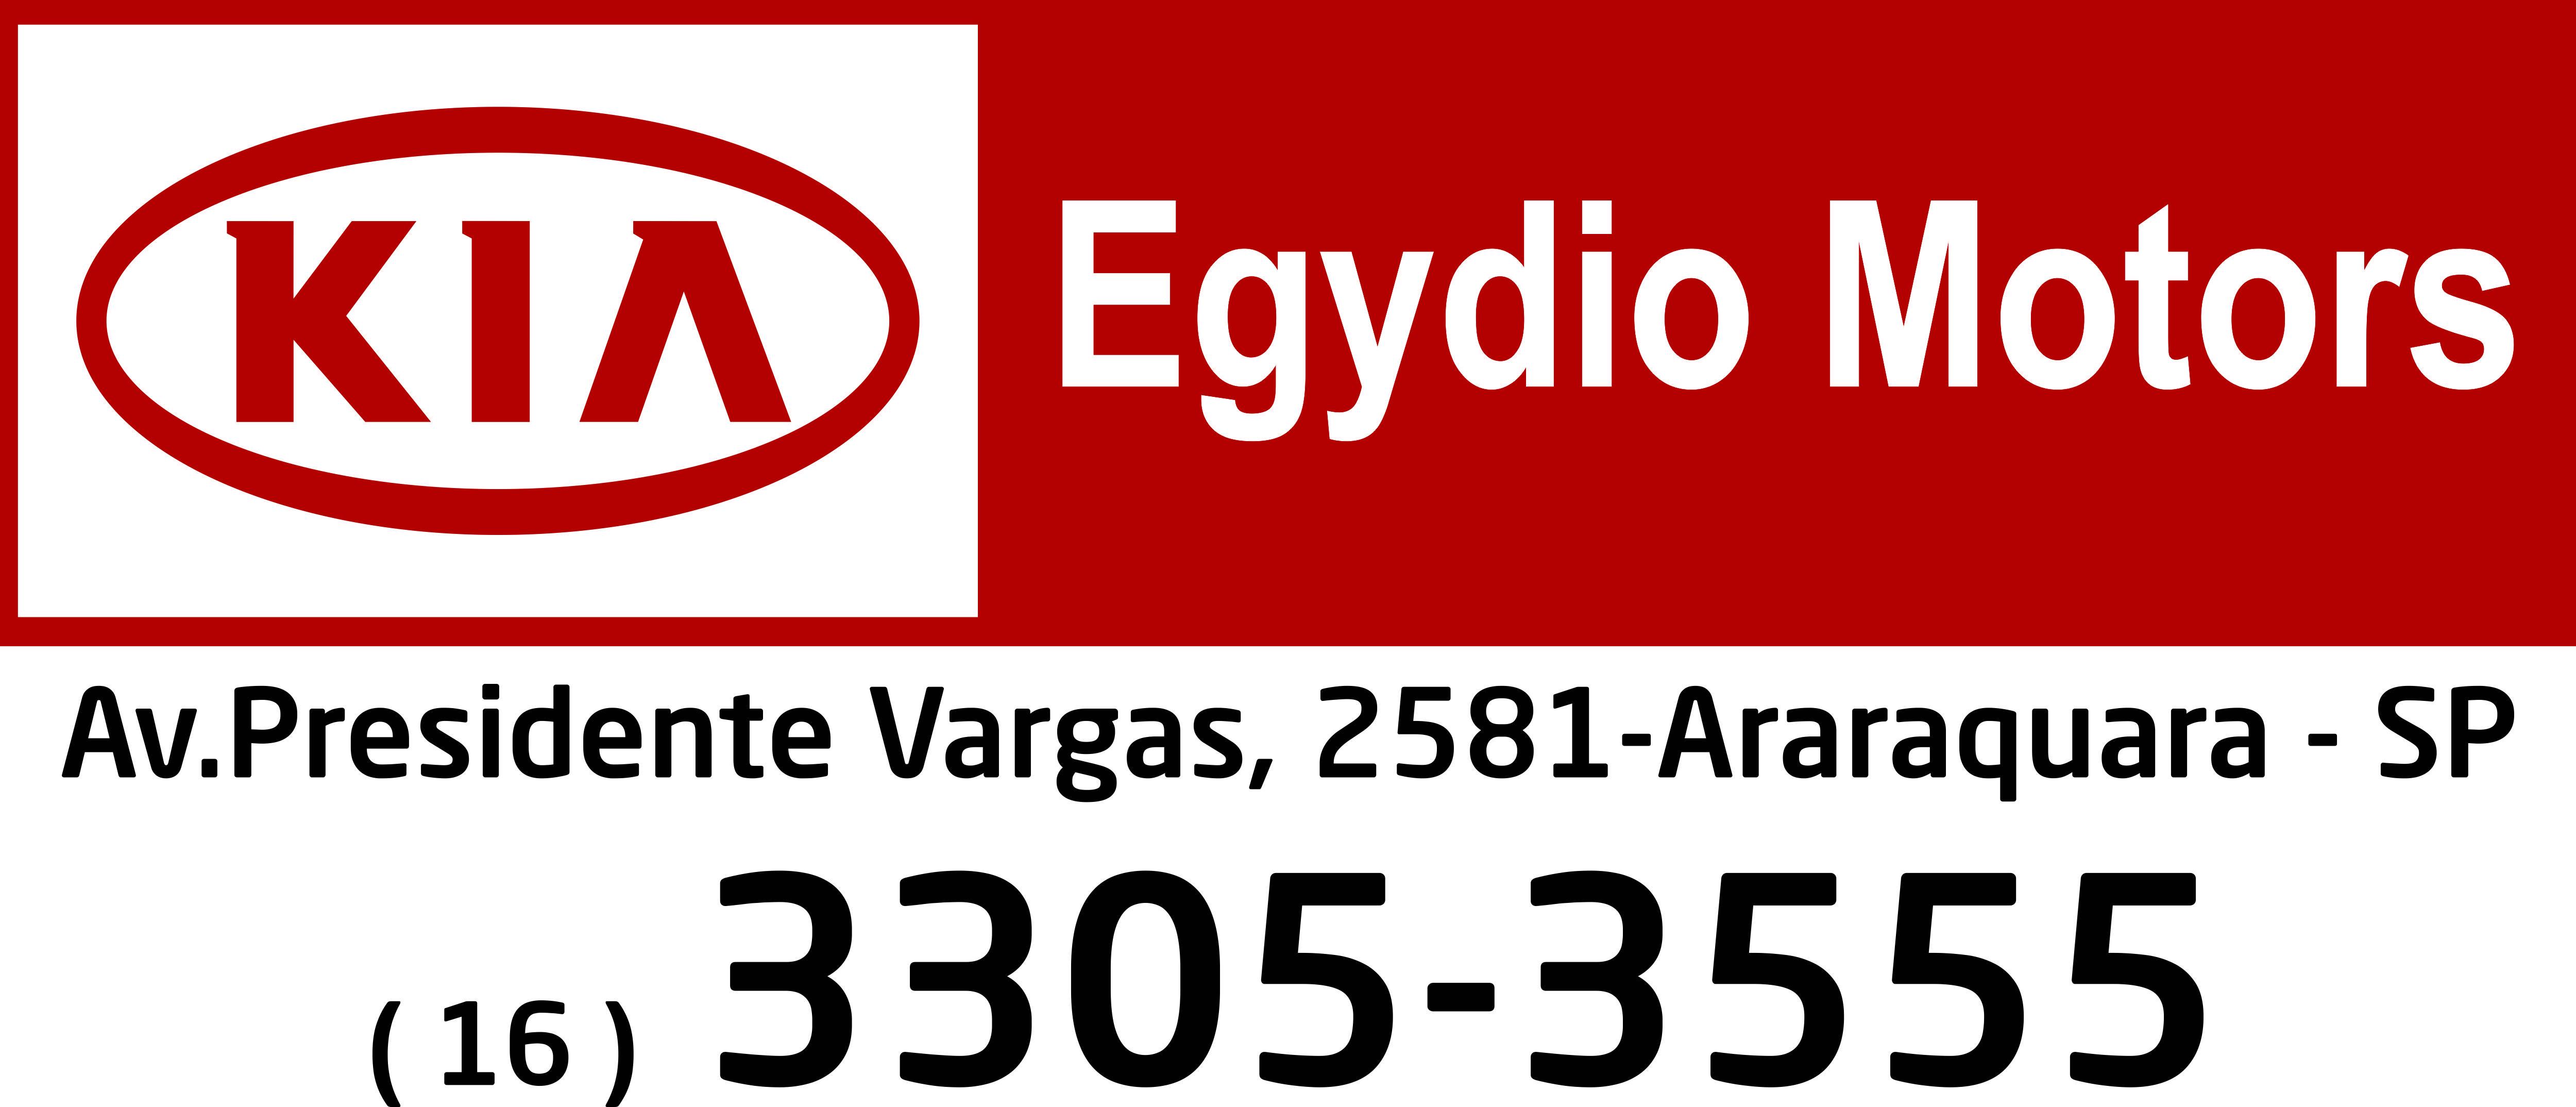 BRACO LIMPADOR LE RELY PICK UP CODIGO Q22-52052131